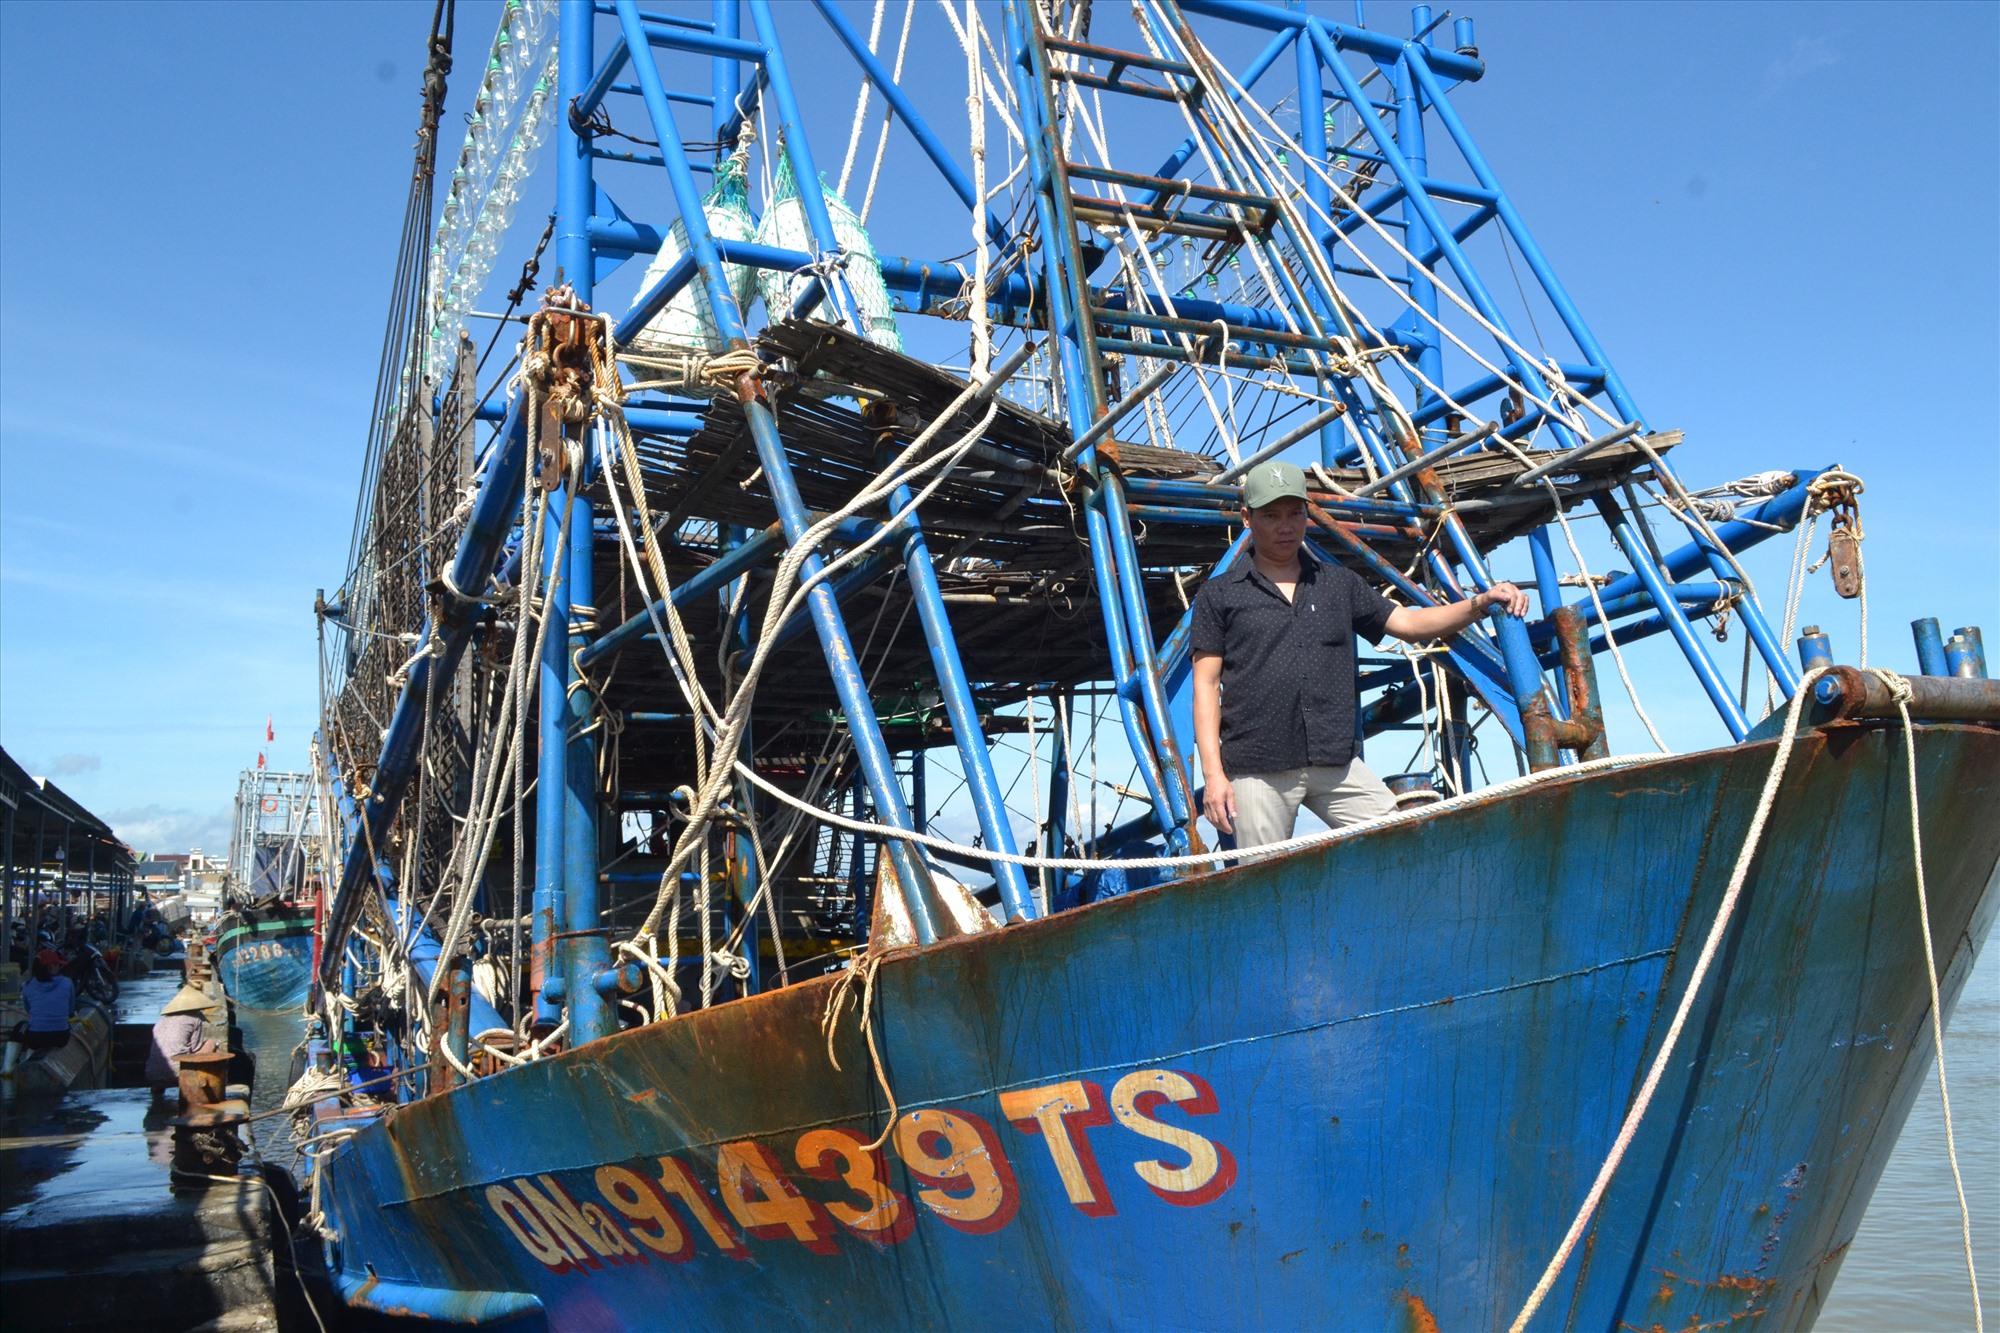 Tàu vỏ thép của ngư dân Nguyễn Văn Nghị vừa cập bờ bán hải sản. Ảnh: VIỆT NGUYỄN